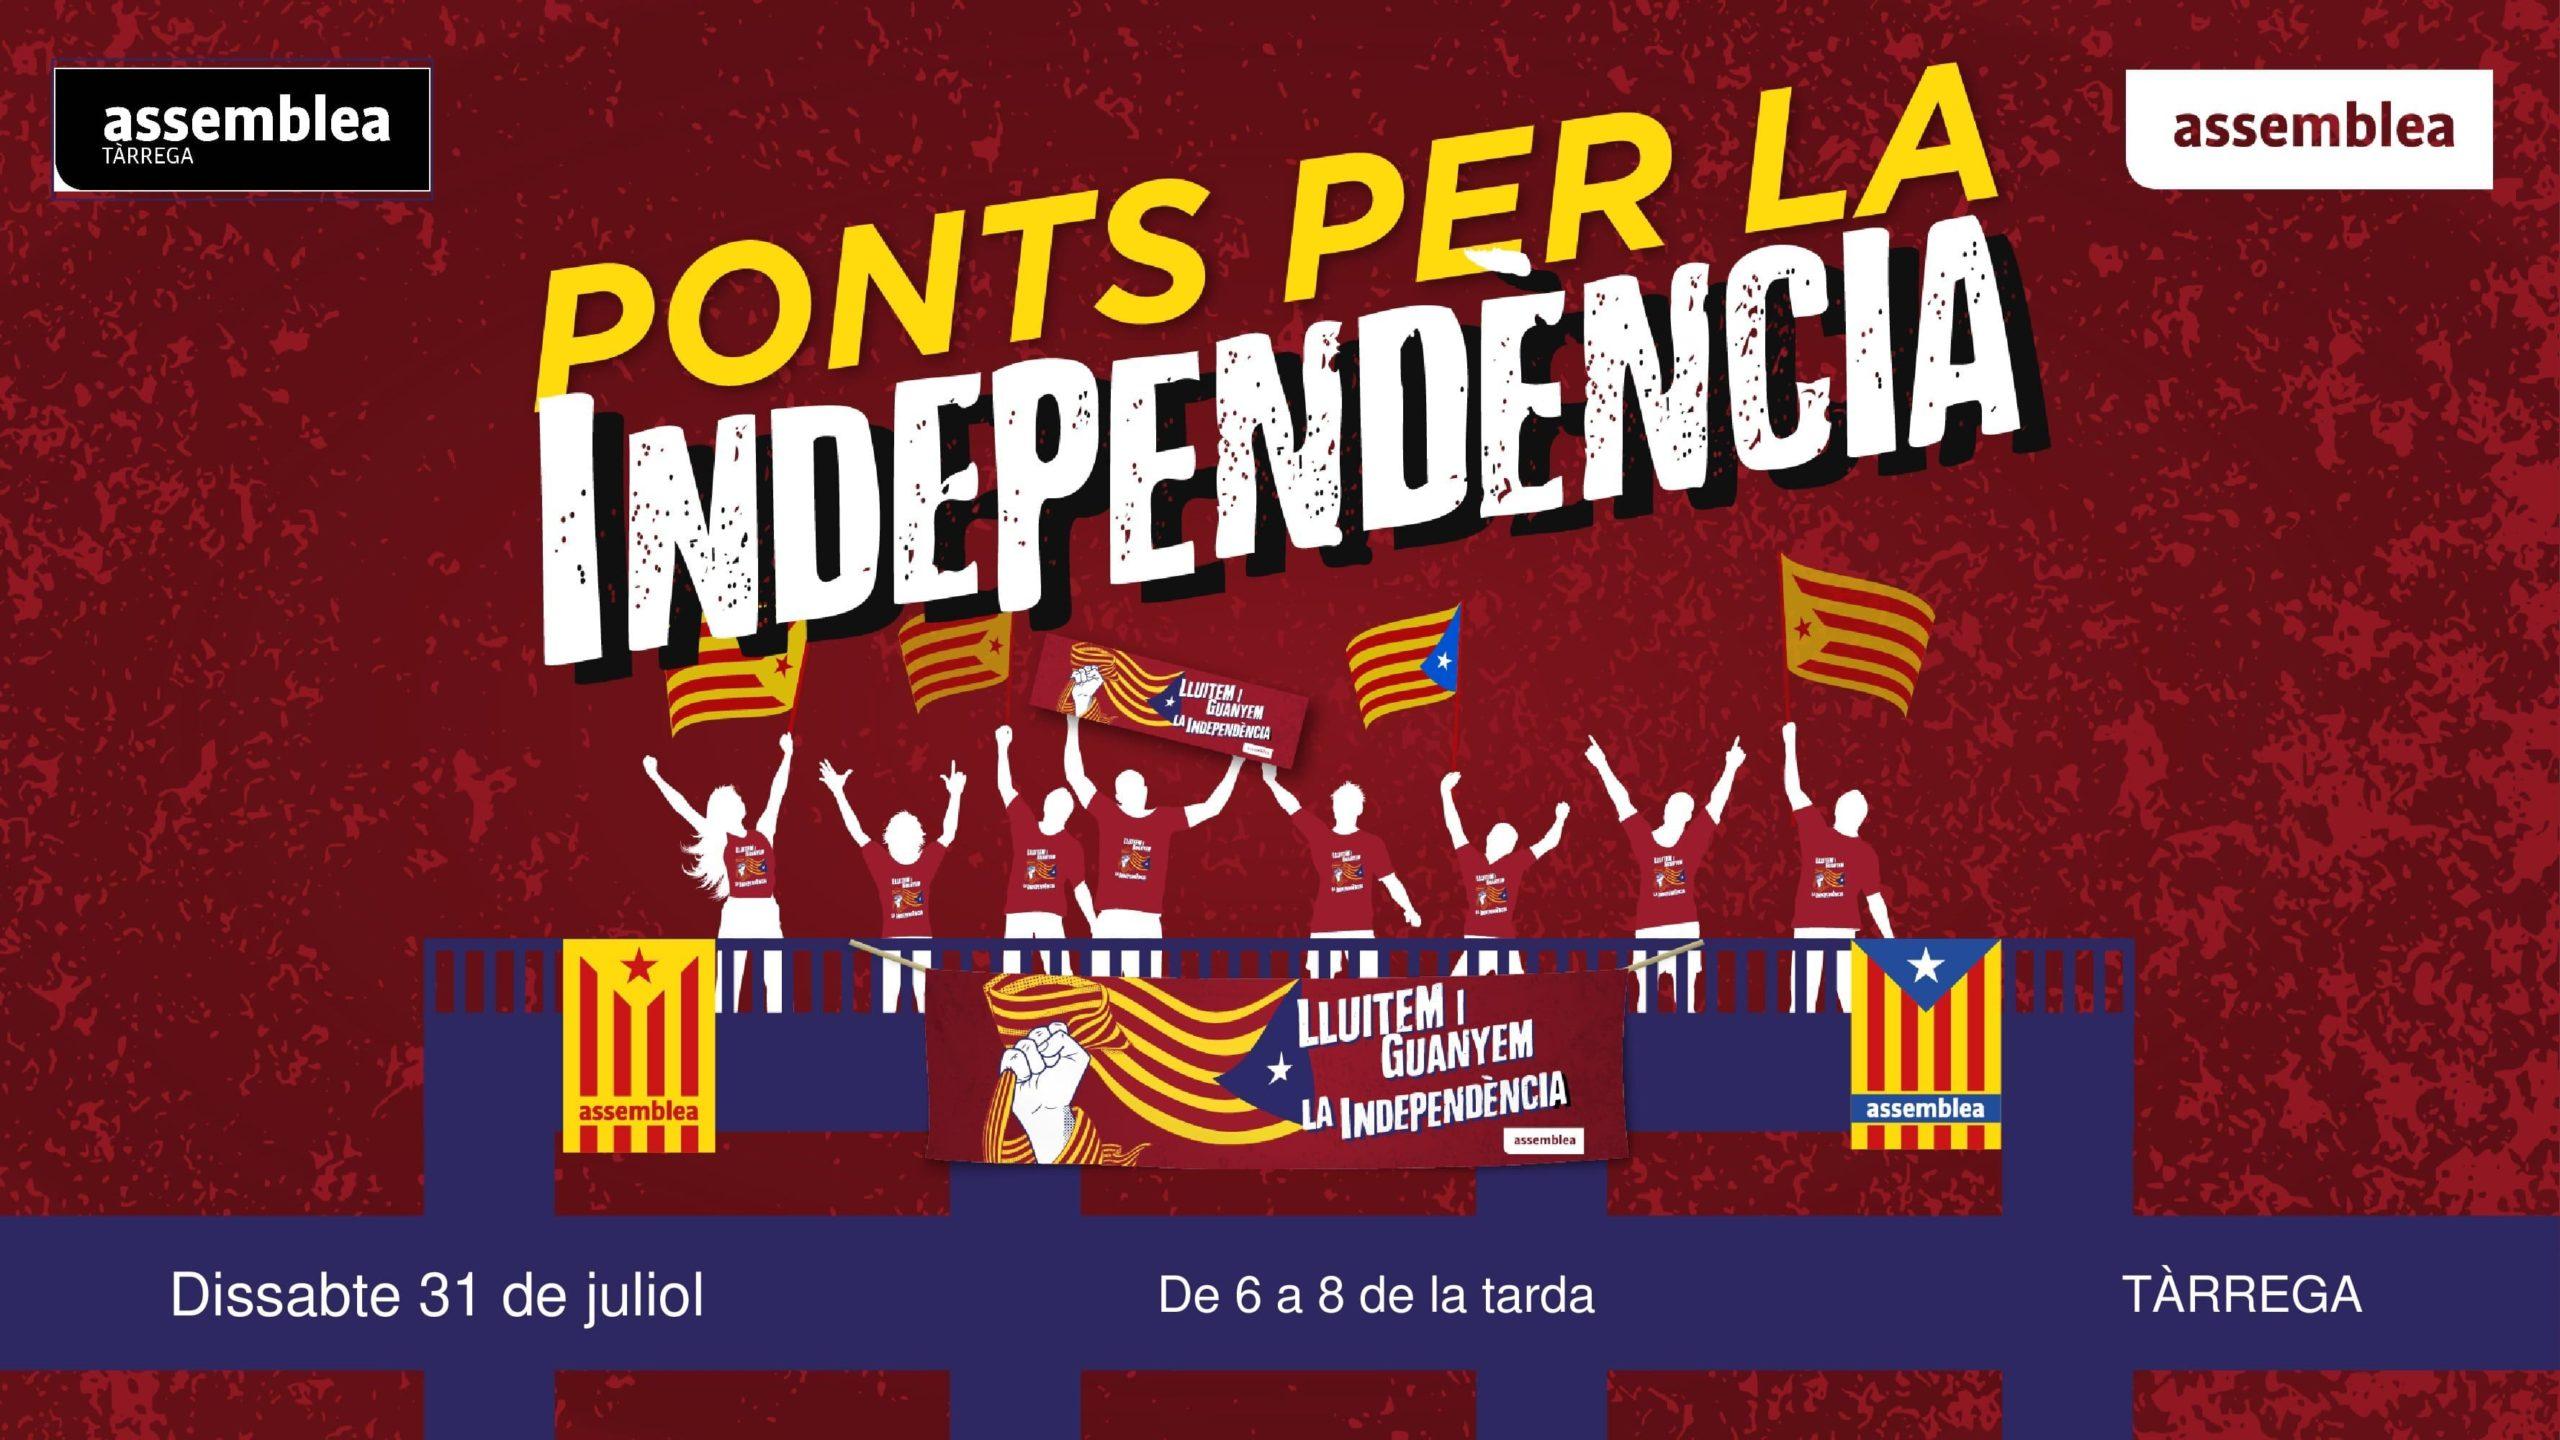 Ponts per la Independència